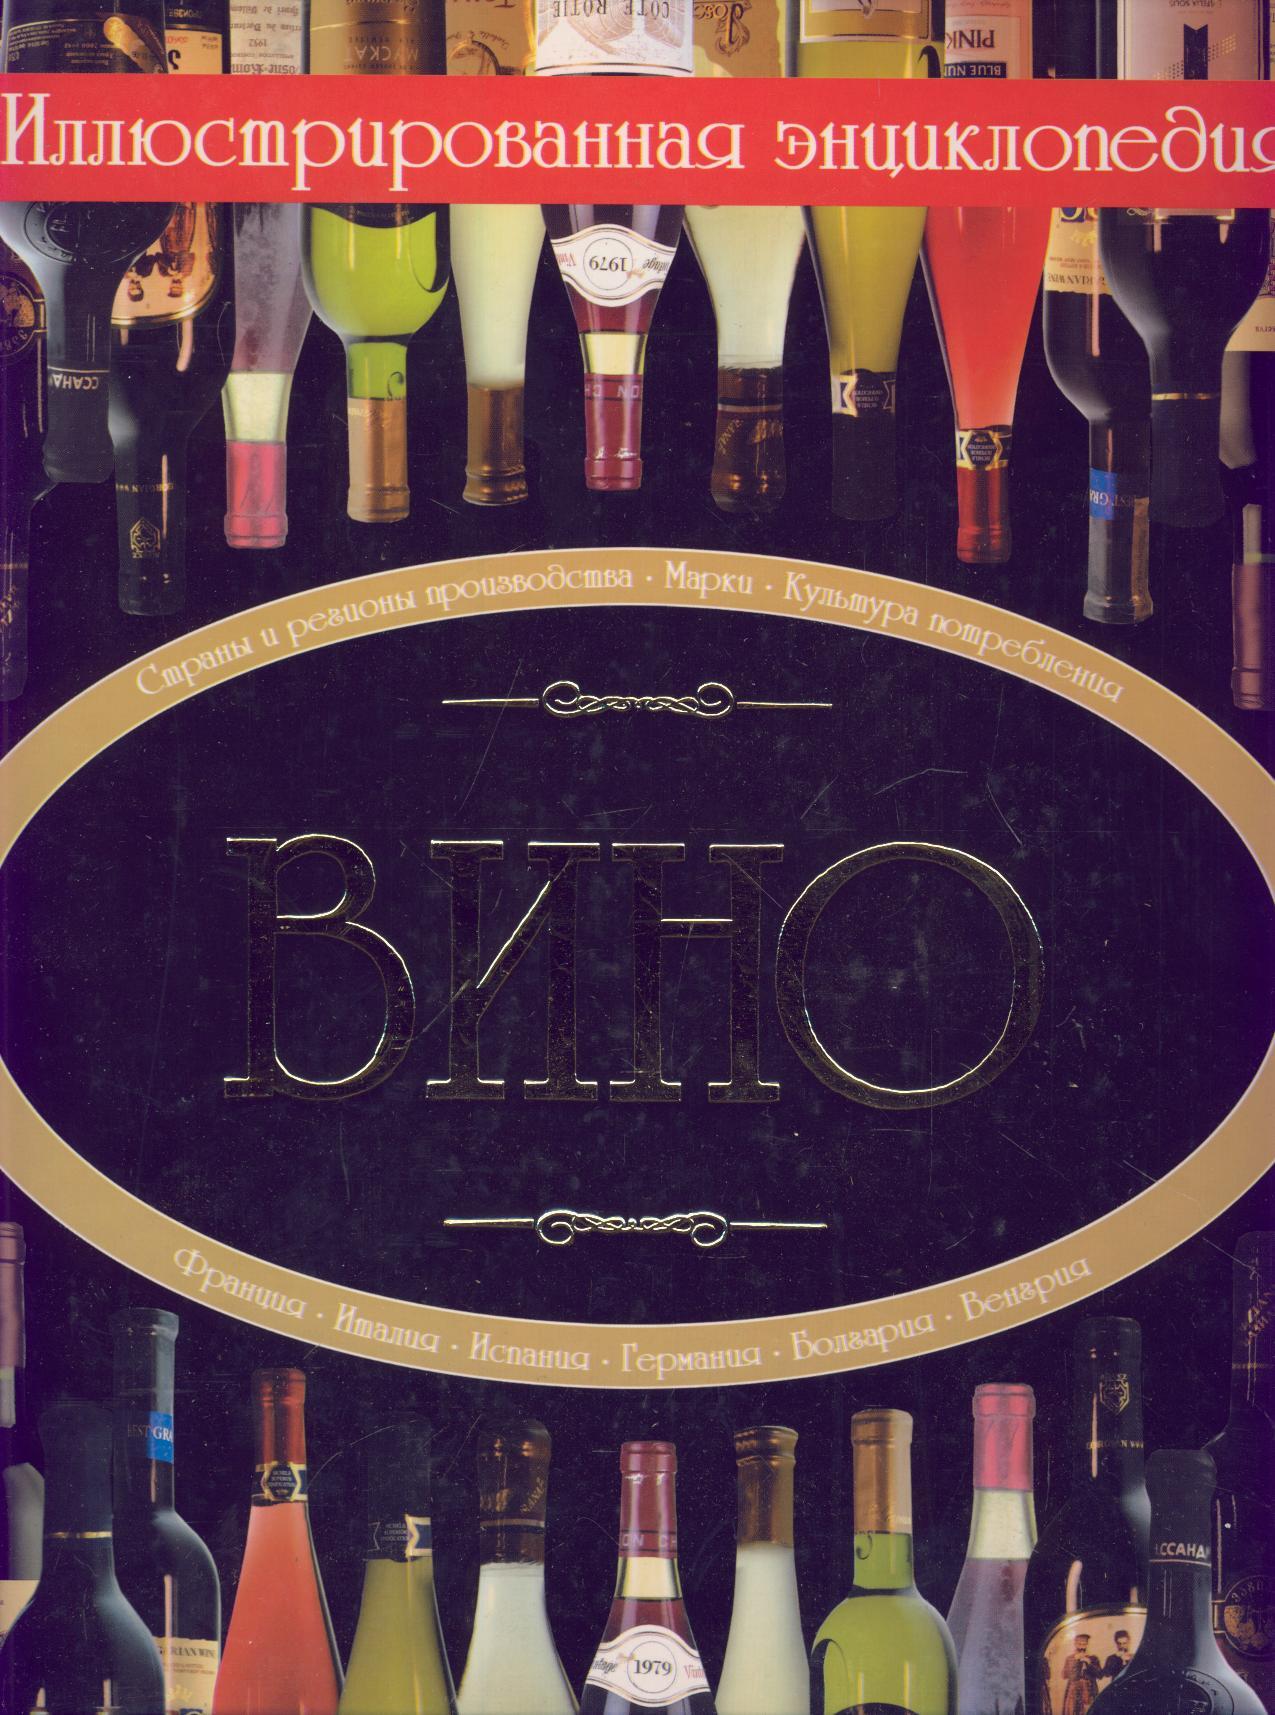 Вино: Иллюстрированная энциклопедия